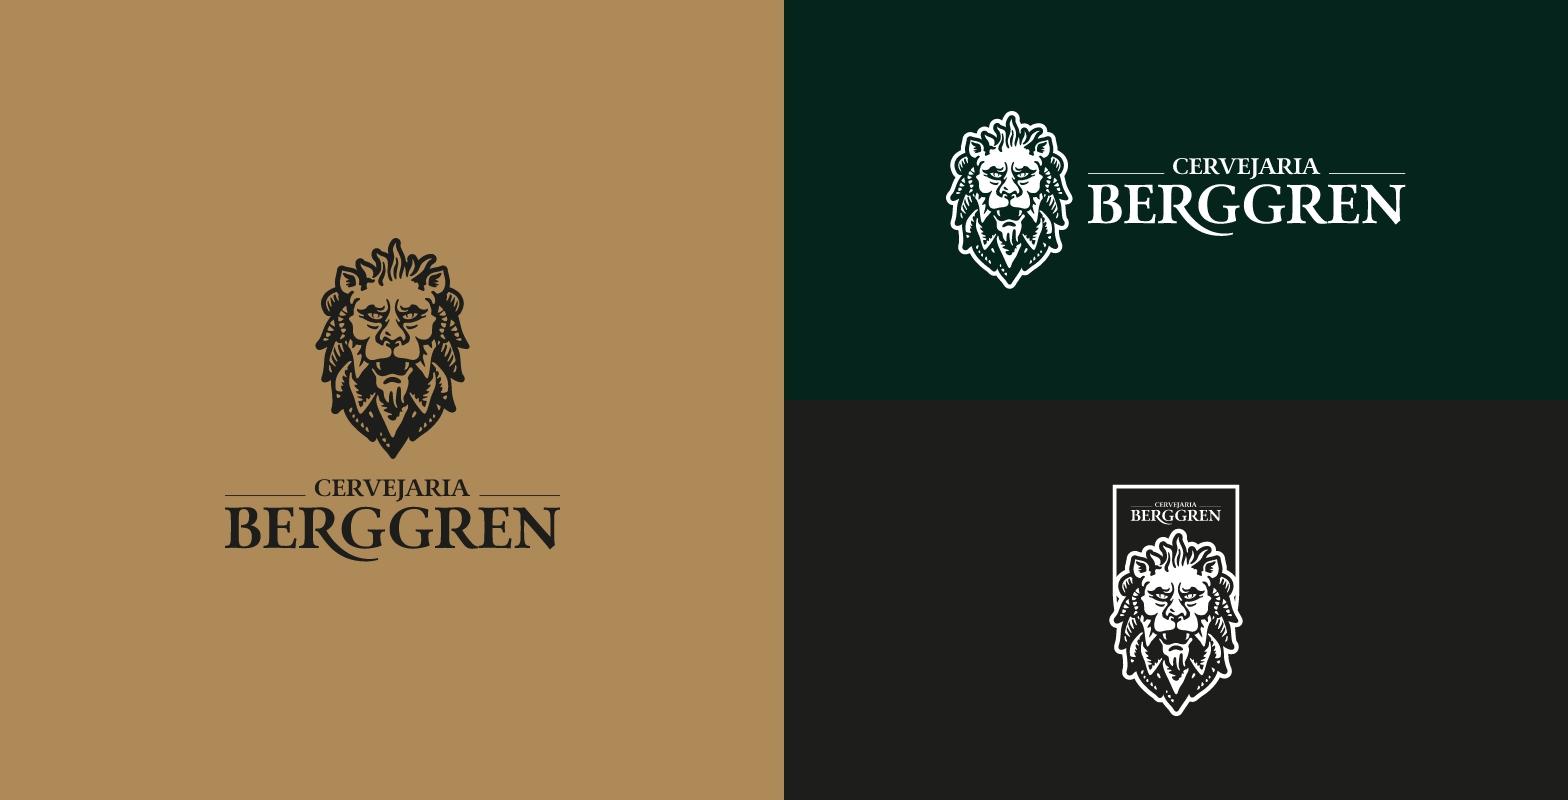 Berggren Bier - Identidade visual e Branding (1)